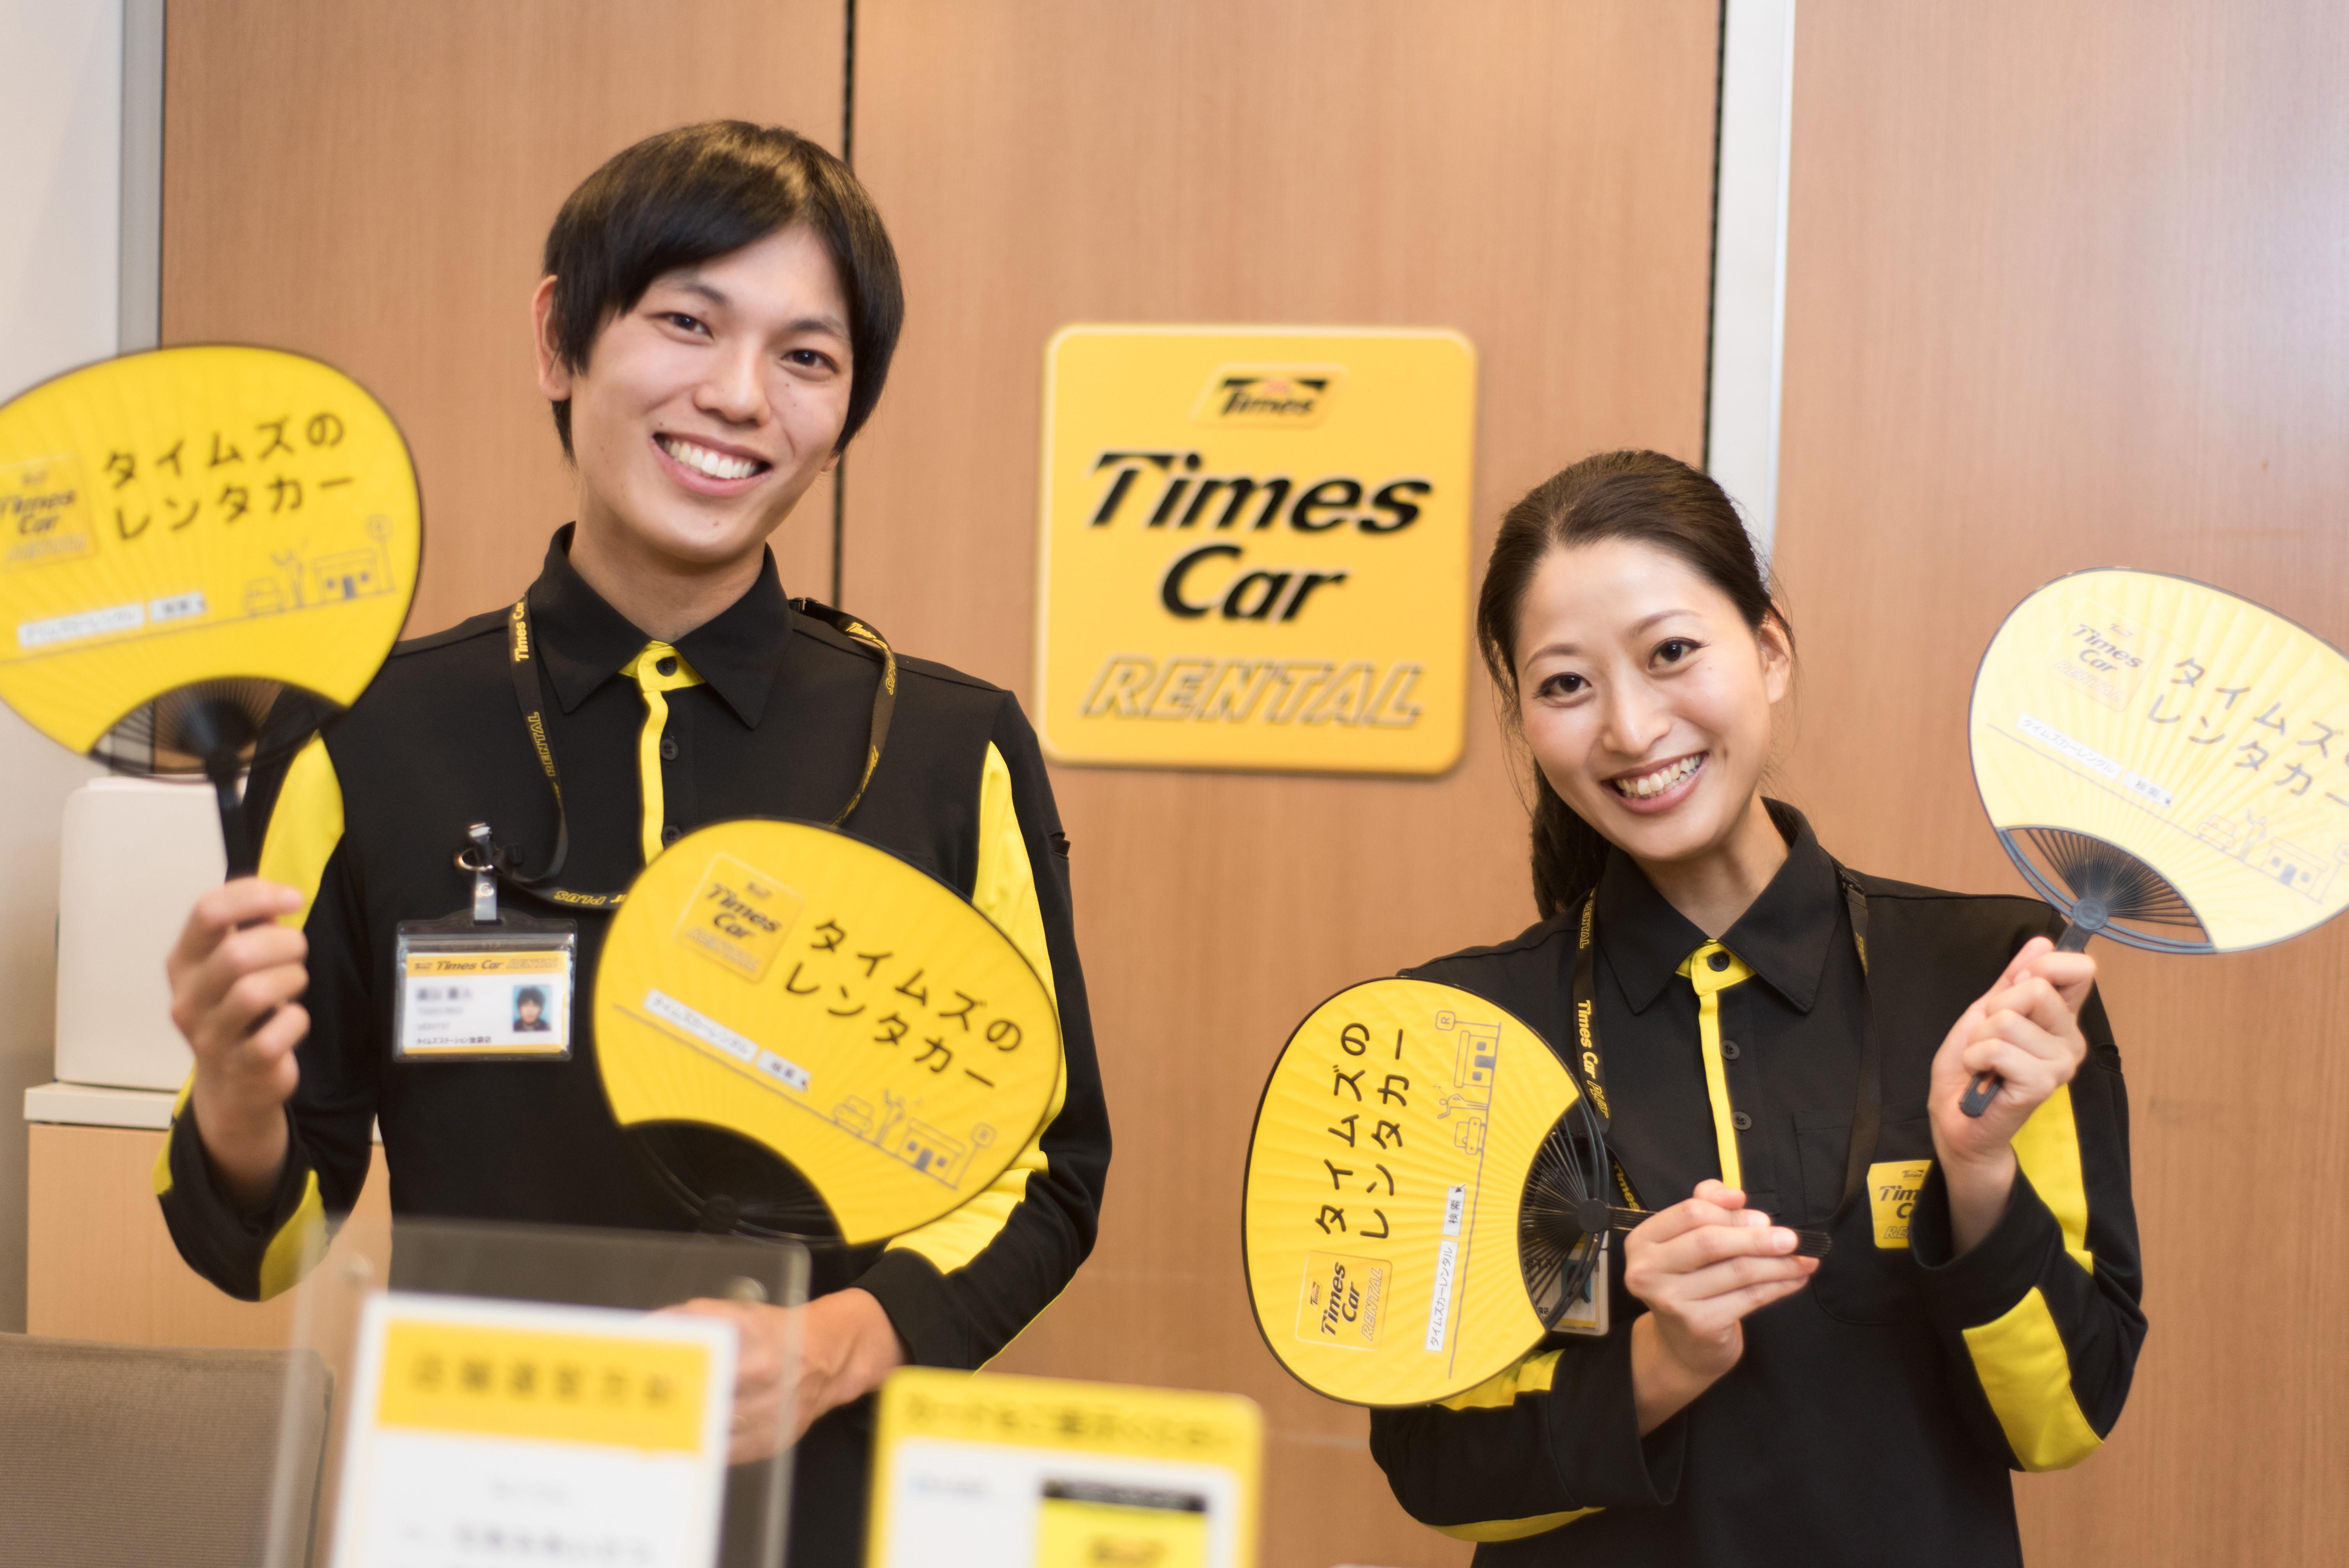 タイムズカーレンタル 豊橋新幹線口店 のアルバイト情報